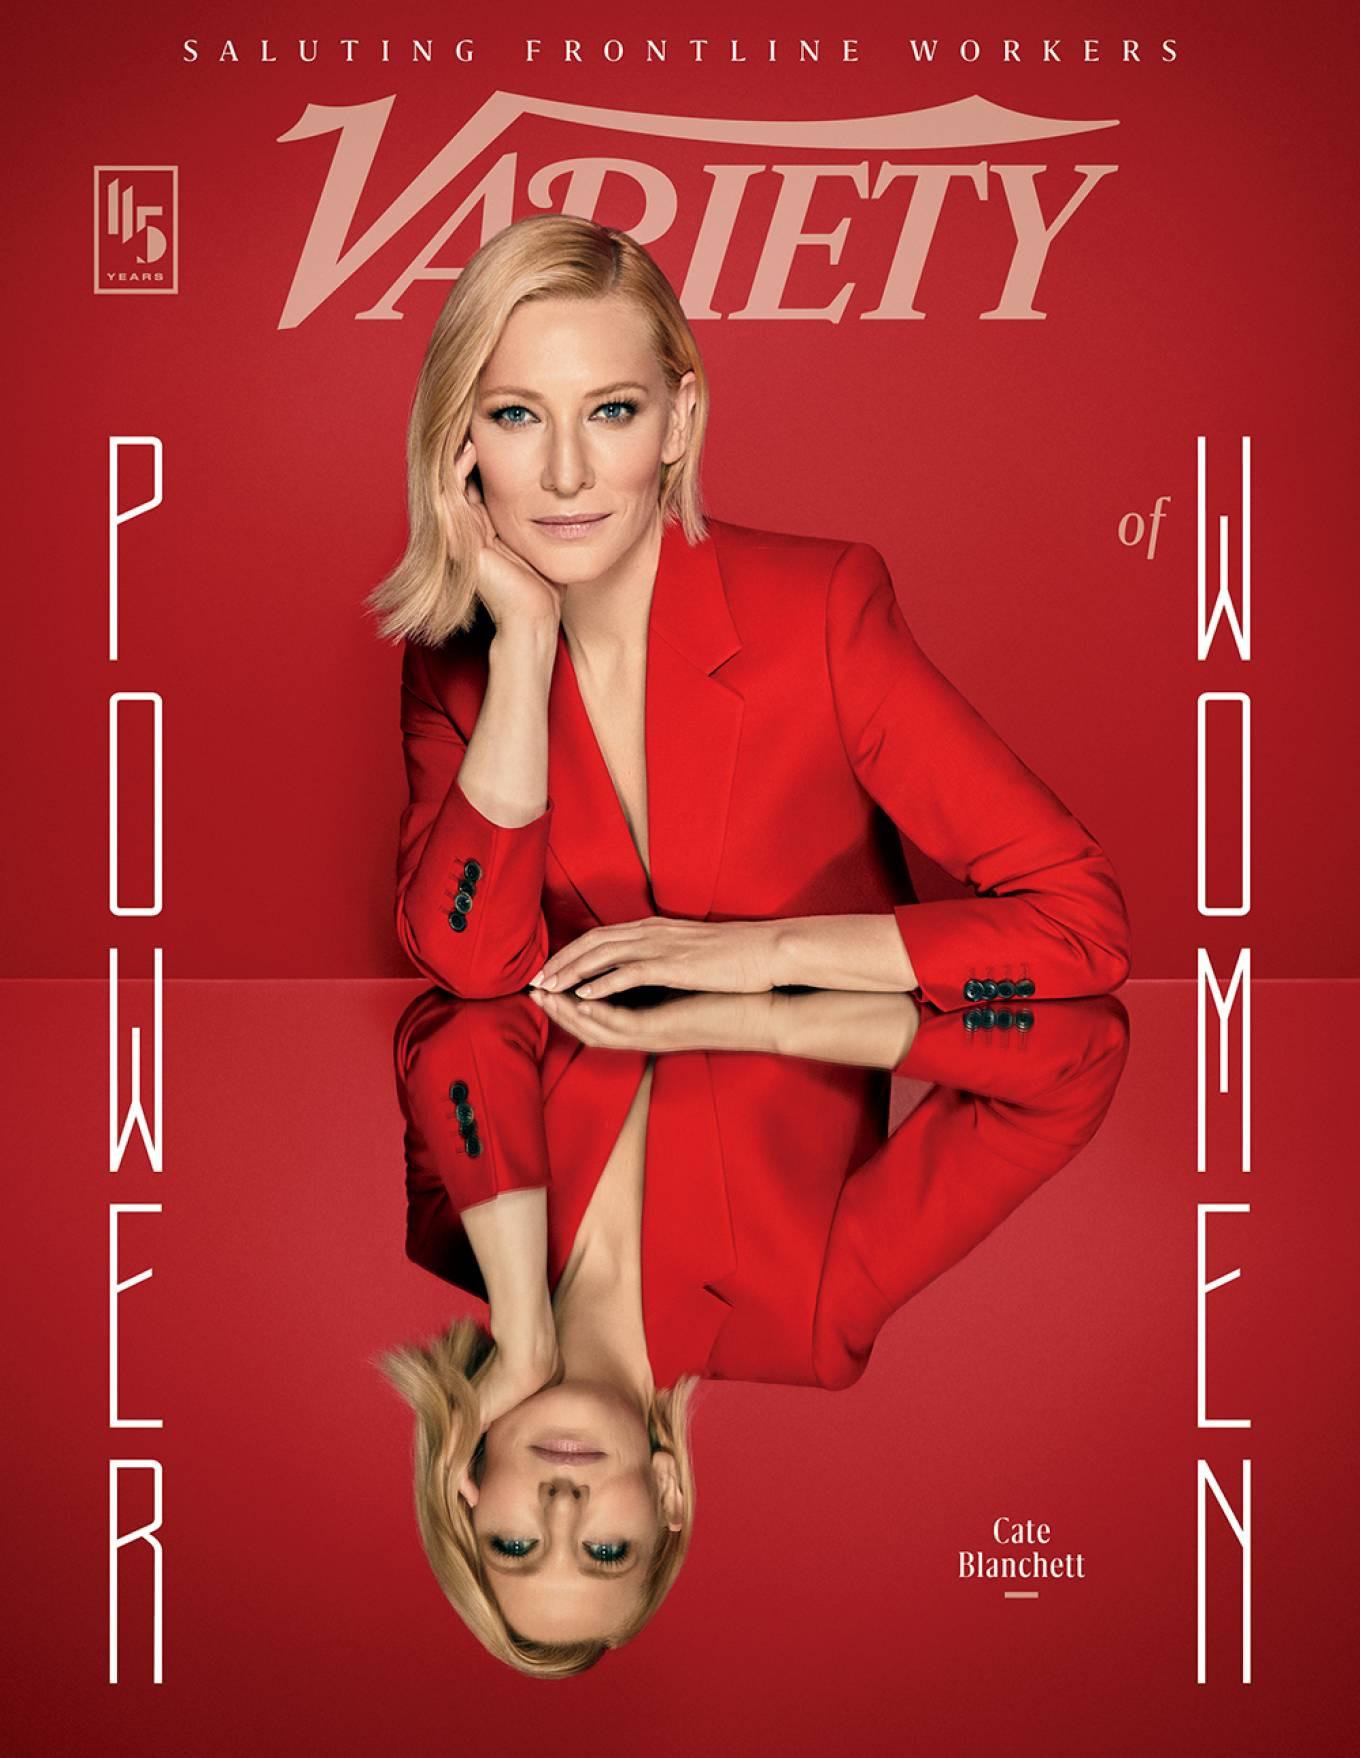 Cate Blanchett 2020 : Cate Blanchett – Variety Magazine Power of Women Issue 2020-03